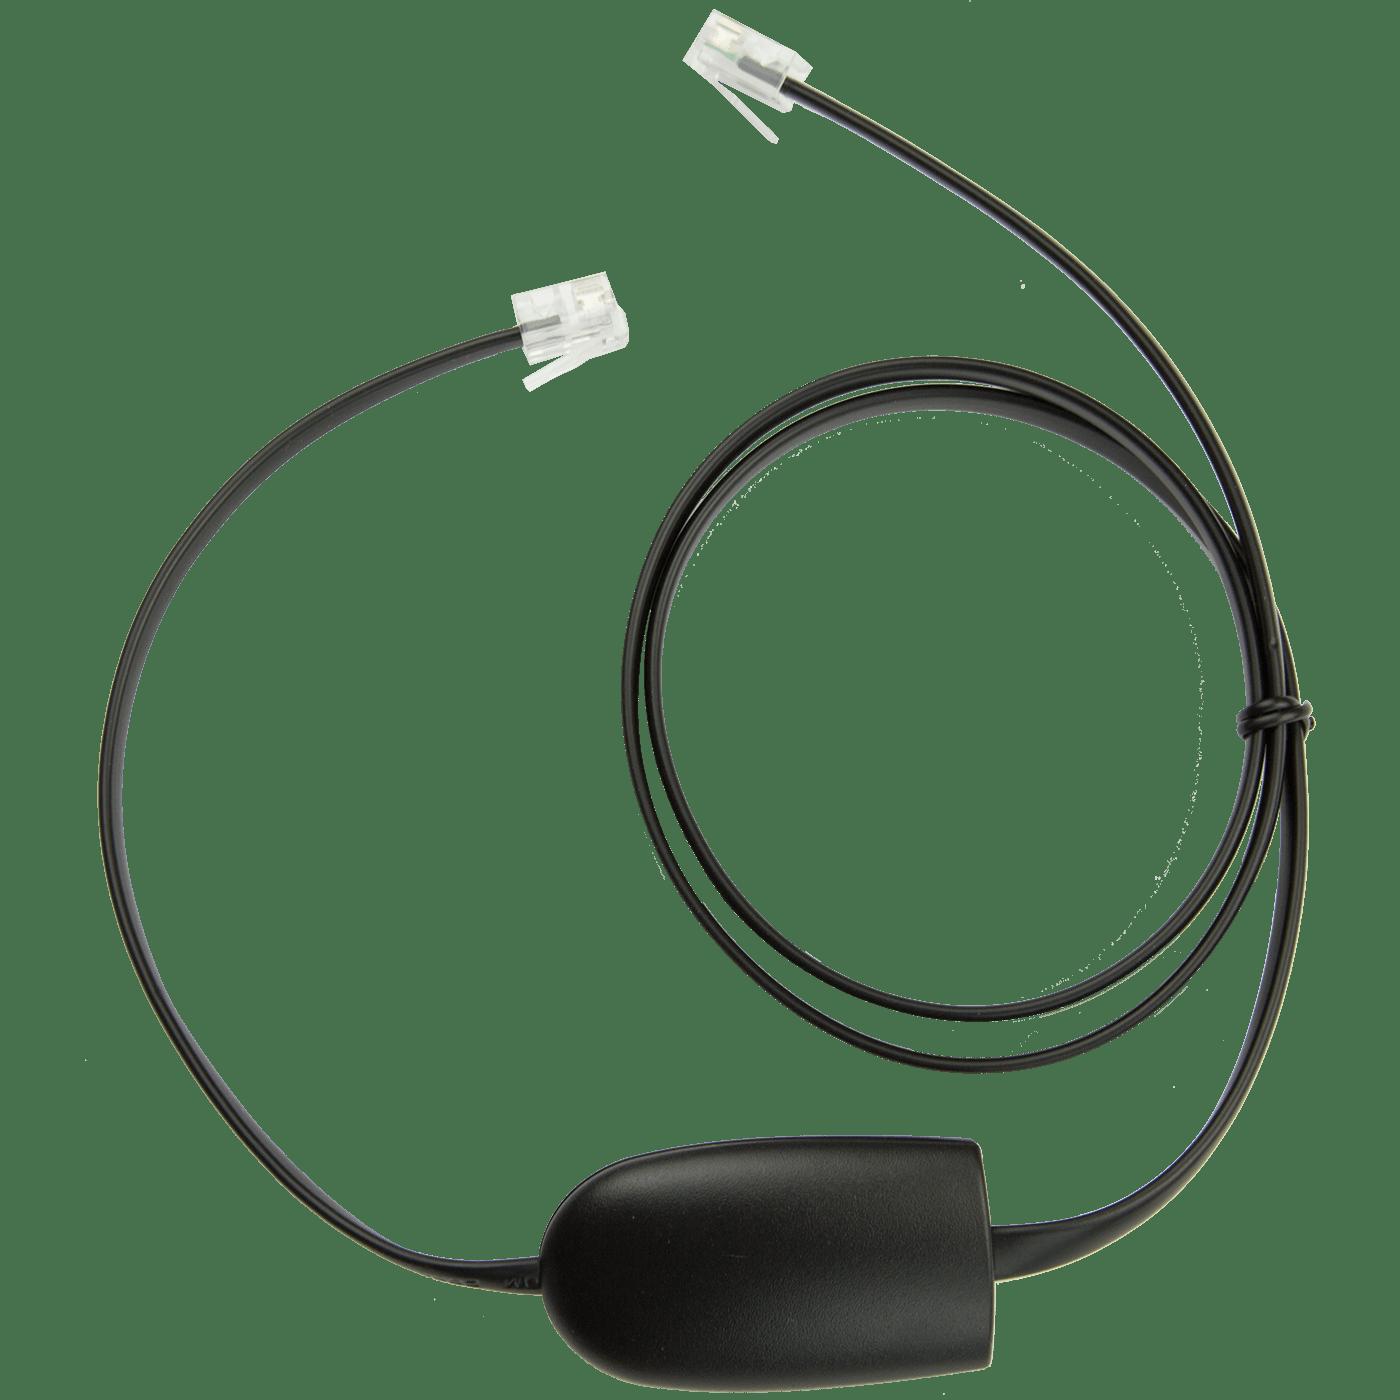 FäHig Software Und Bedienungsanleitung Für Jabra Pro 920 Headsets & Zubehör